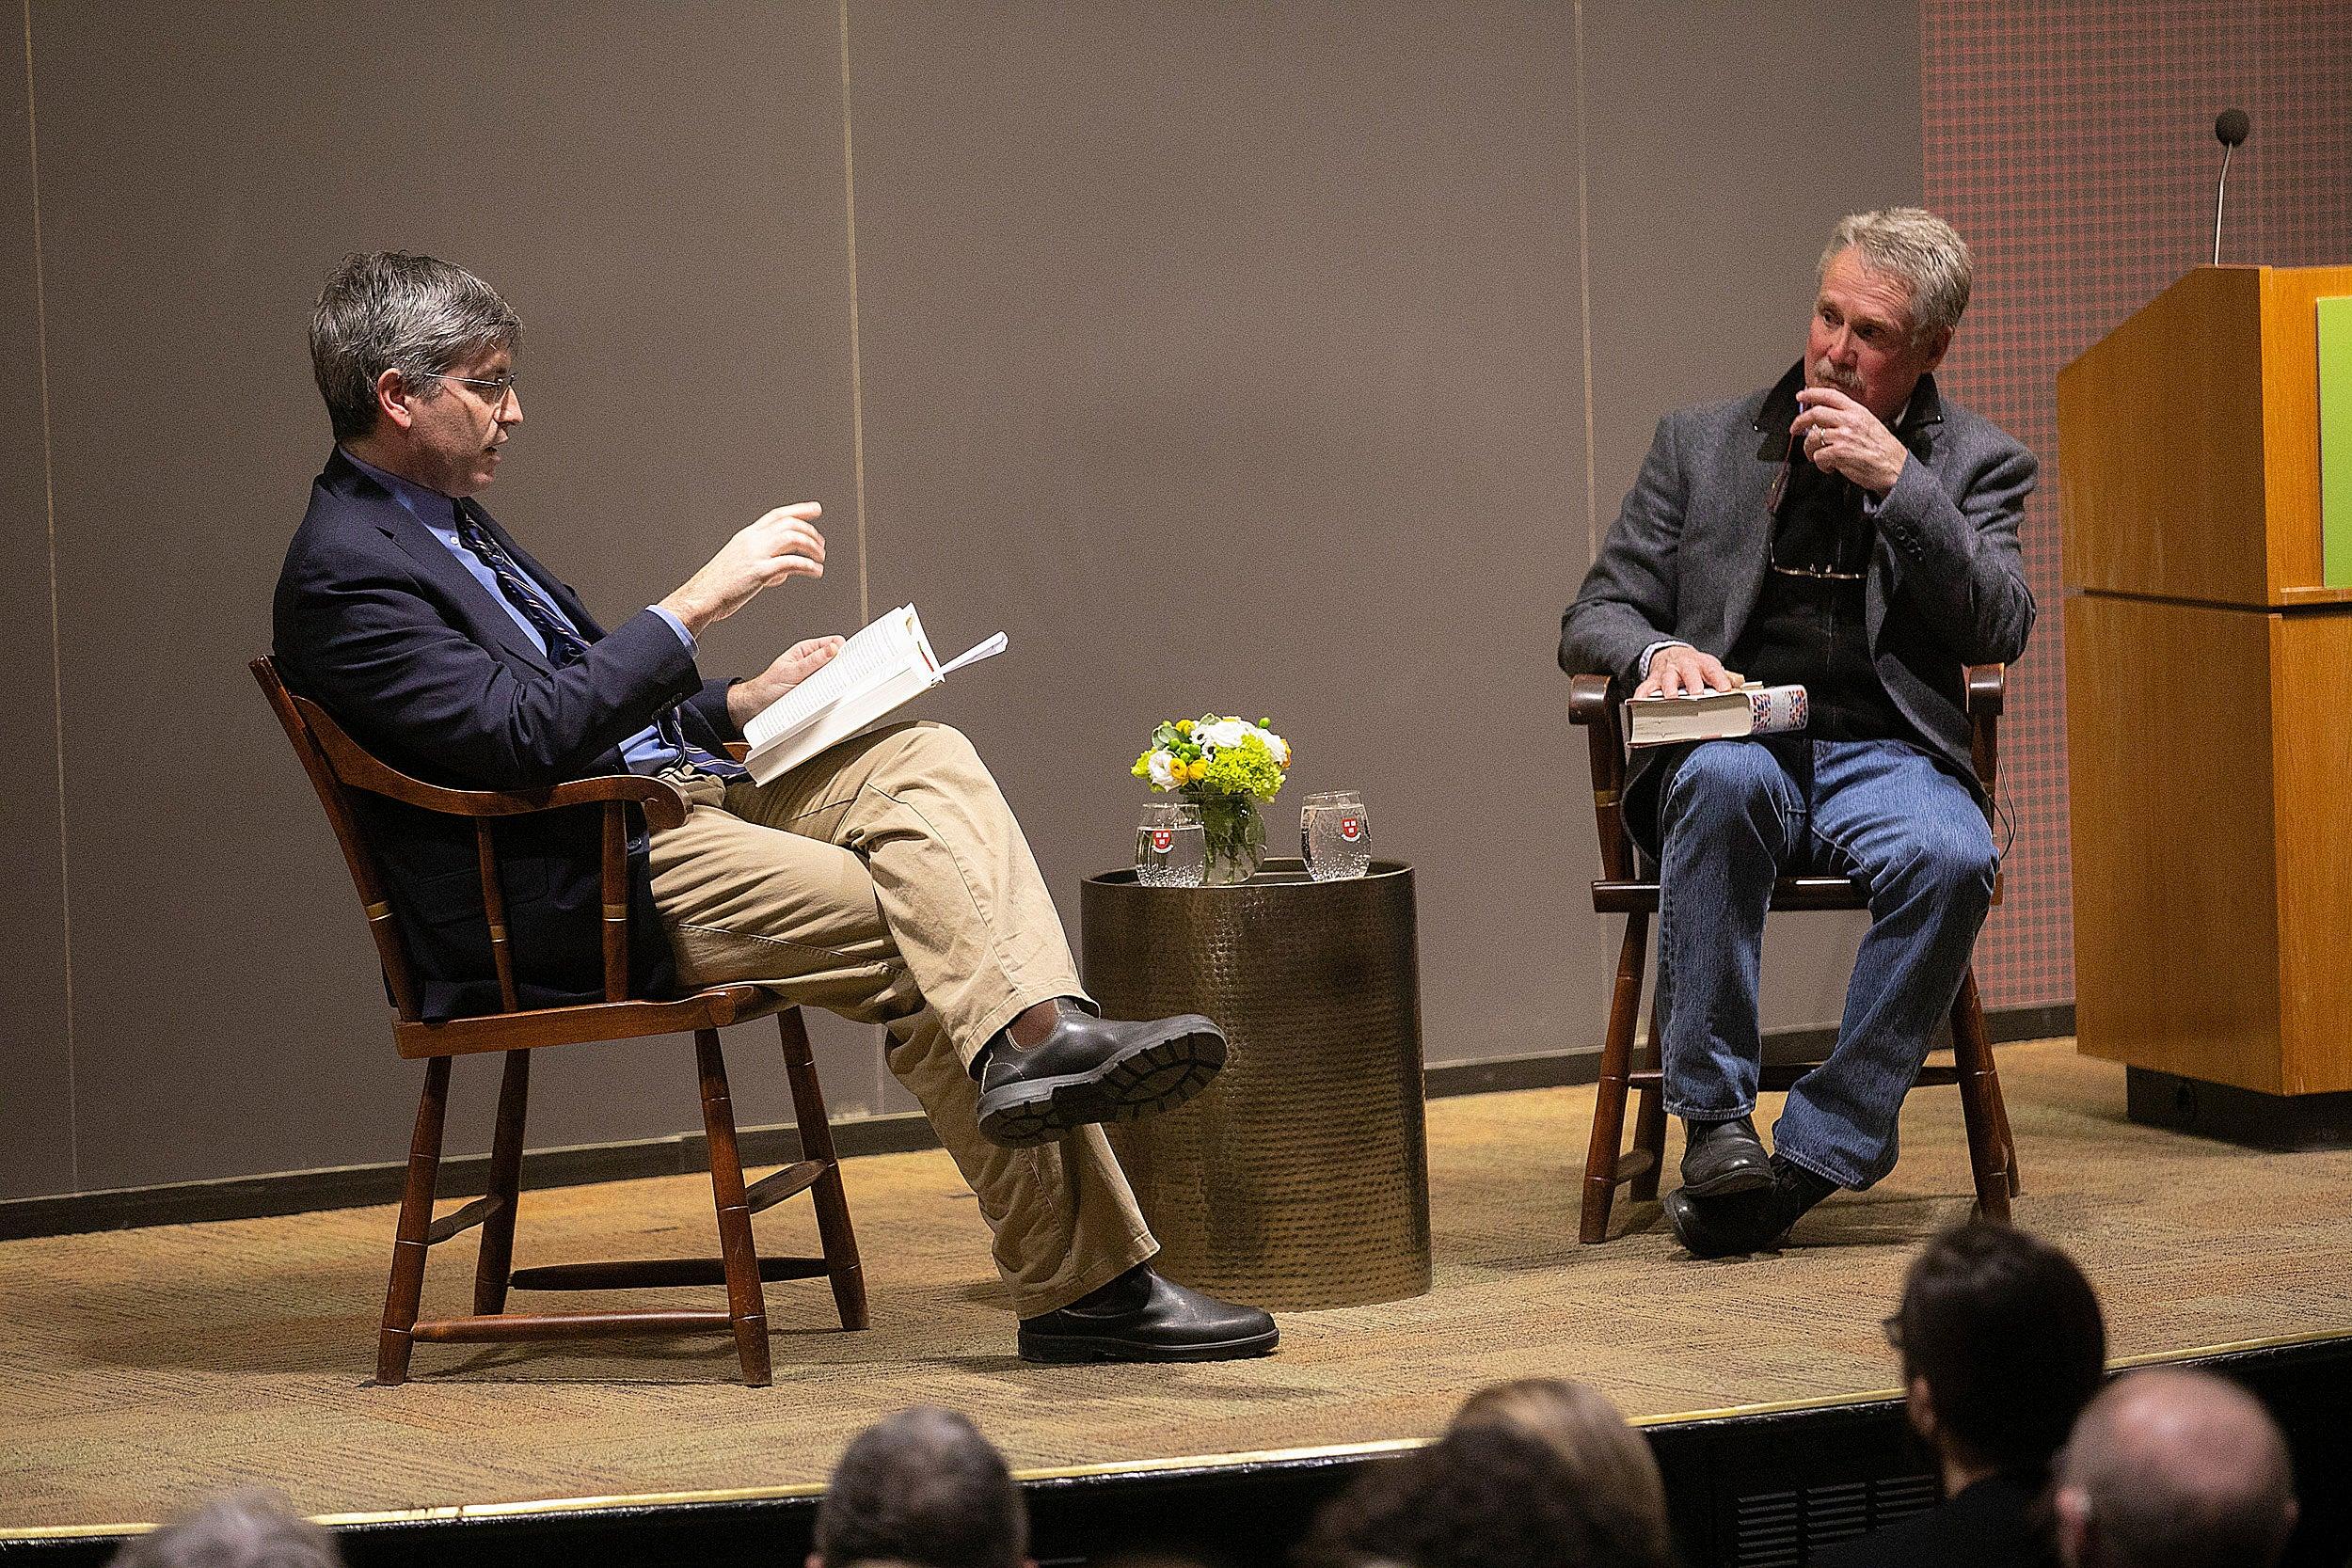 Carl Zimmer, left, and David Quammen in conversation